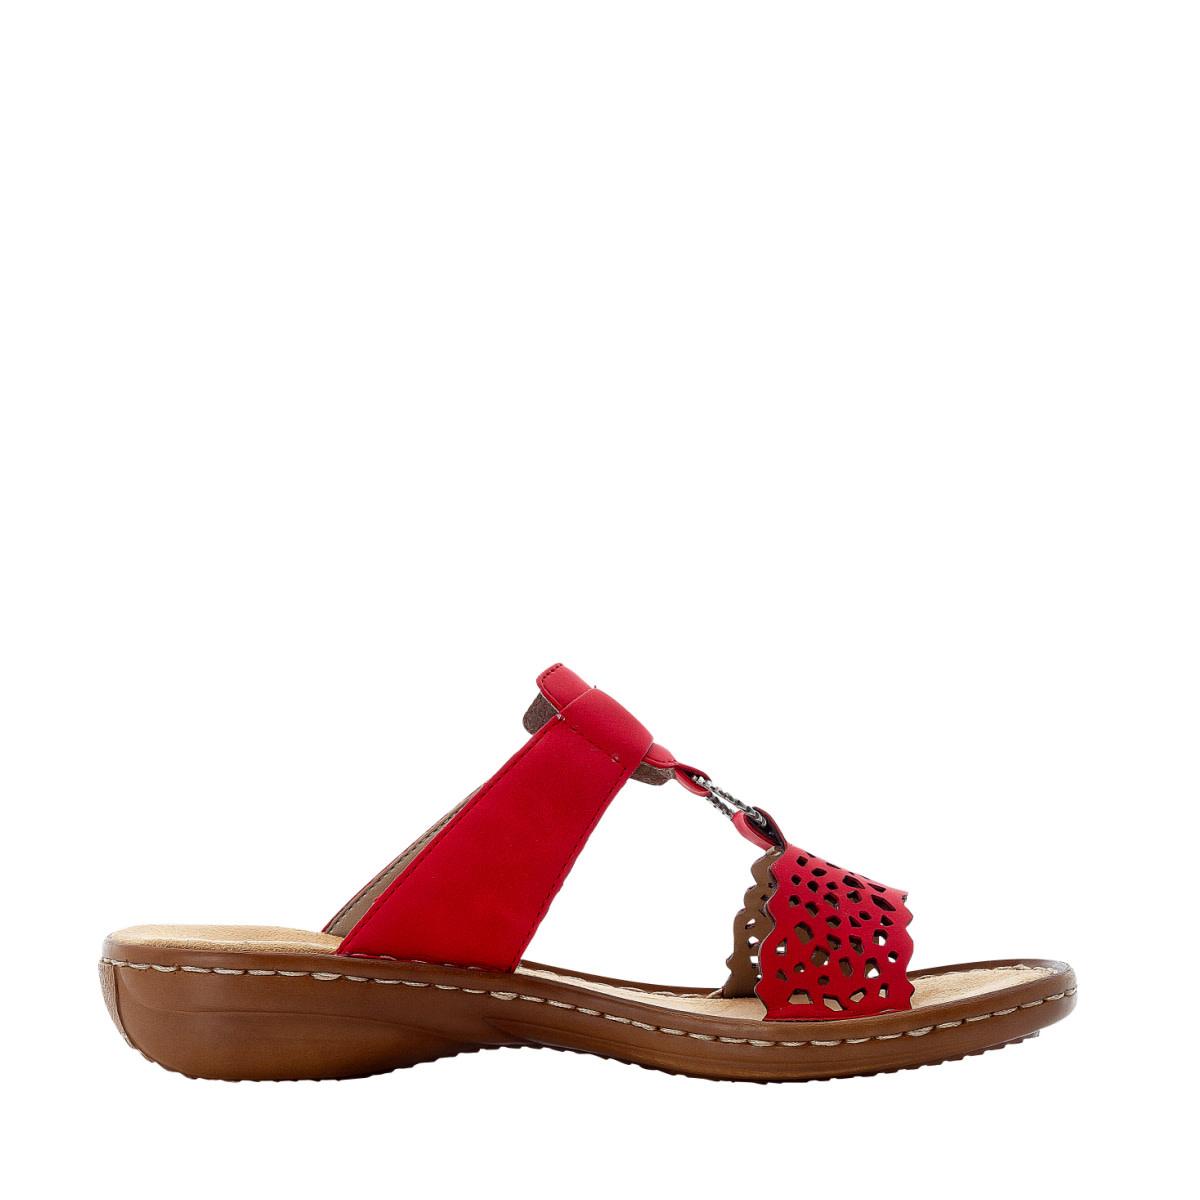 Rieker Rieker 608A7-33 Sandal Red